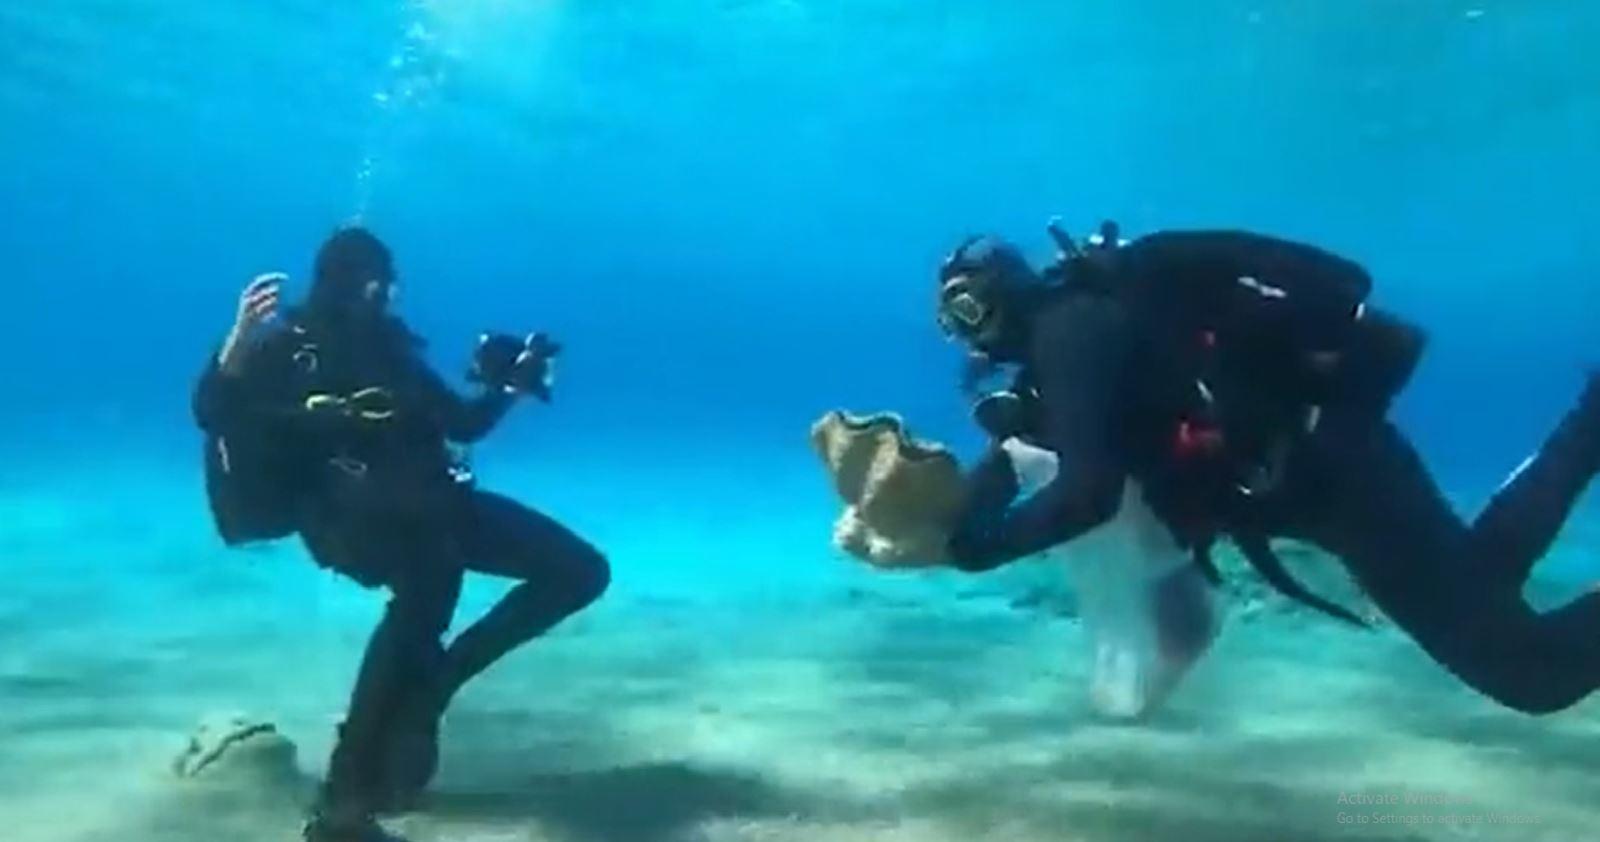 צדפת ענק הוצלה במפרץ אילת